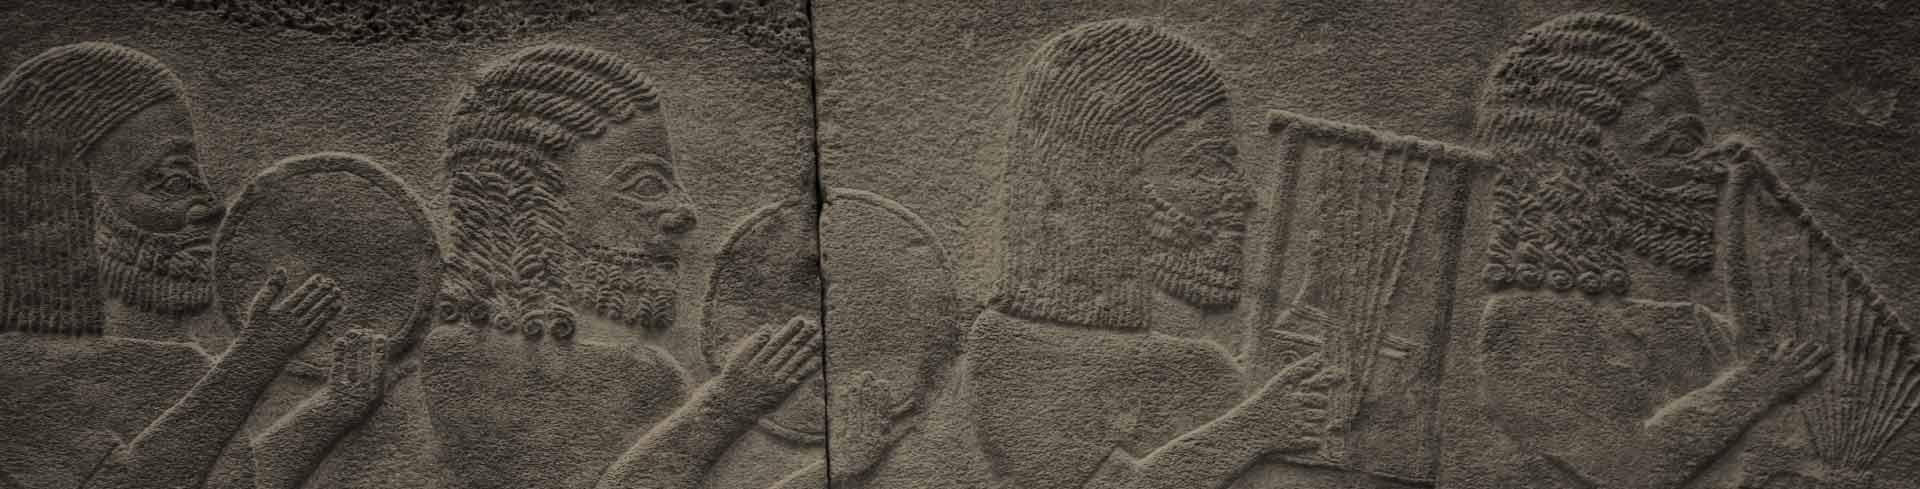 Arqueología del Mundo antiguo y religiosidad